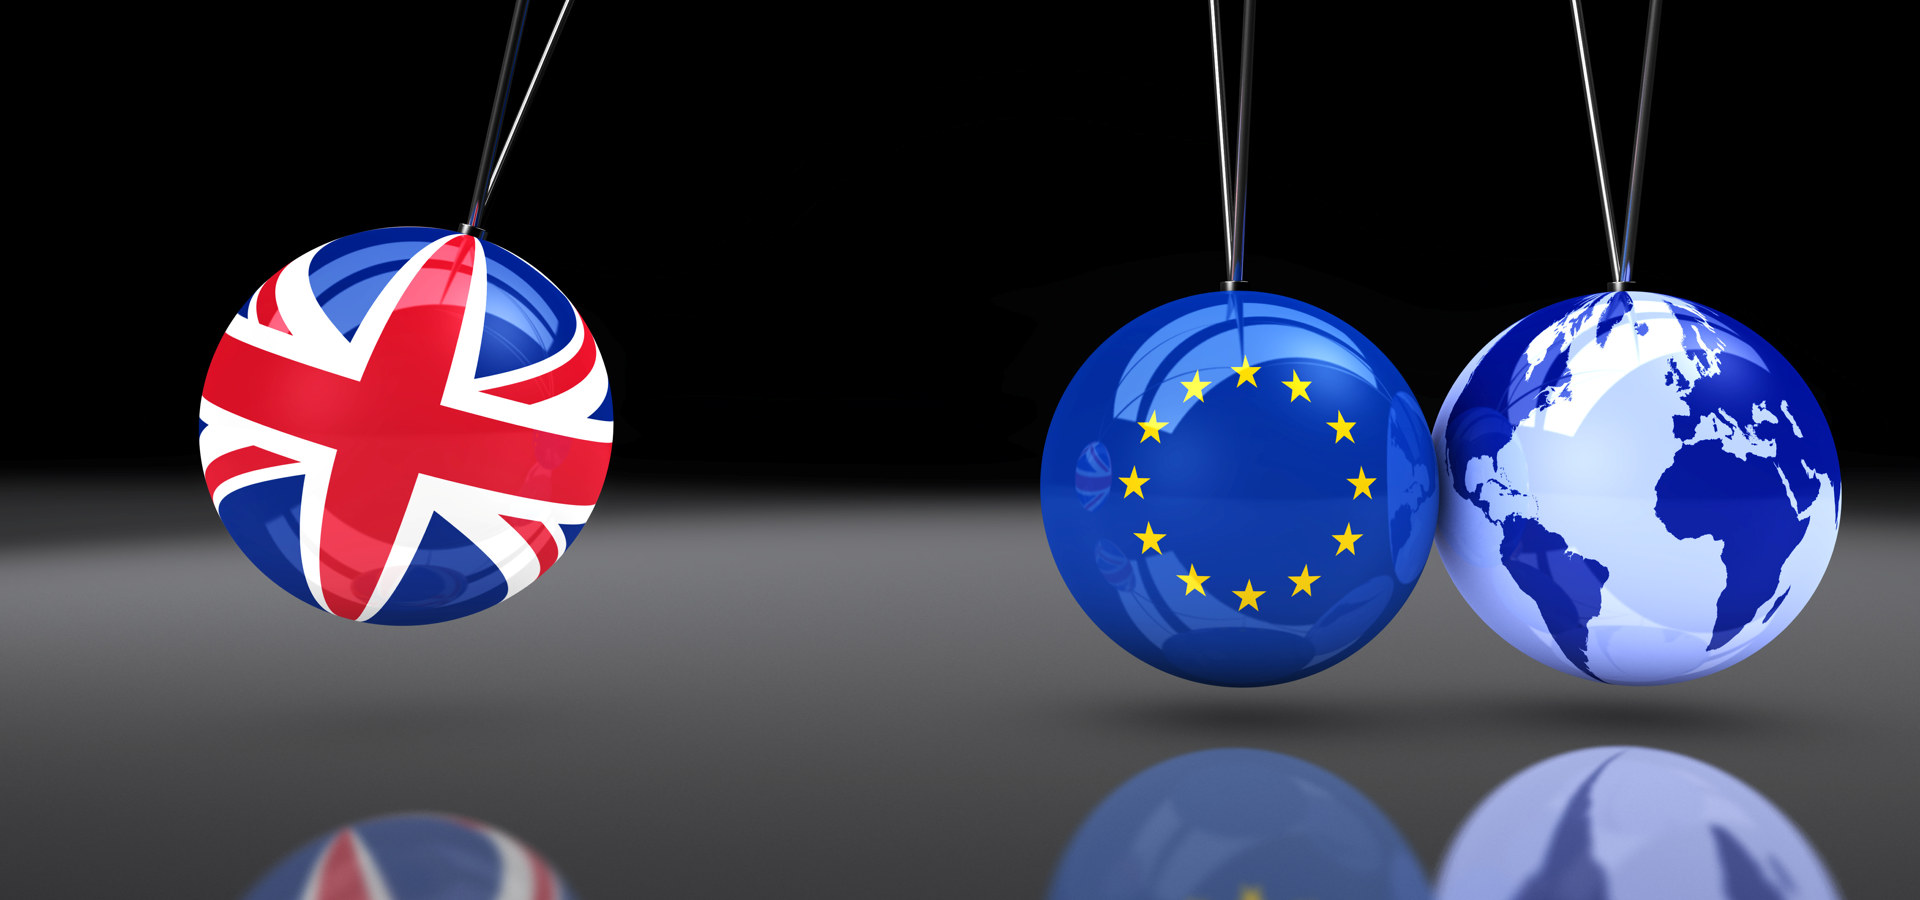 Brexit illustrert ved klinkekuler